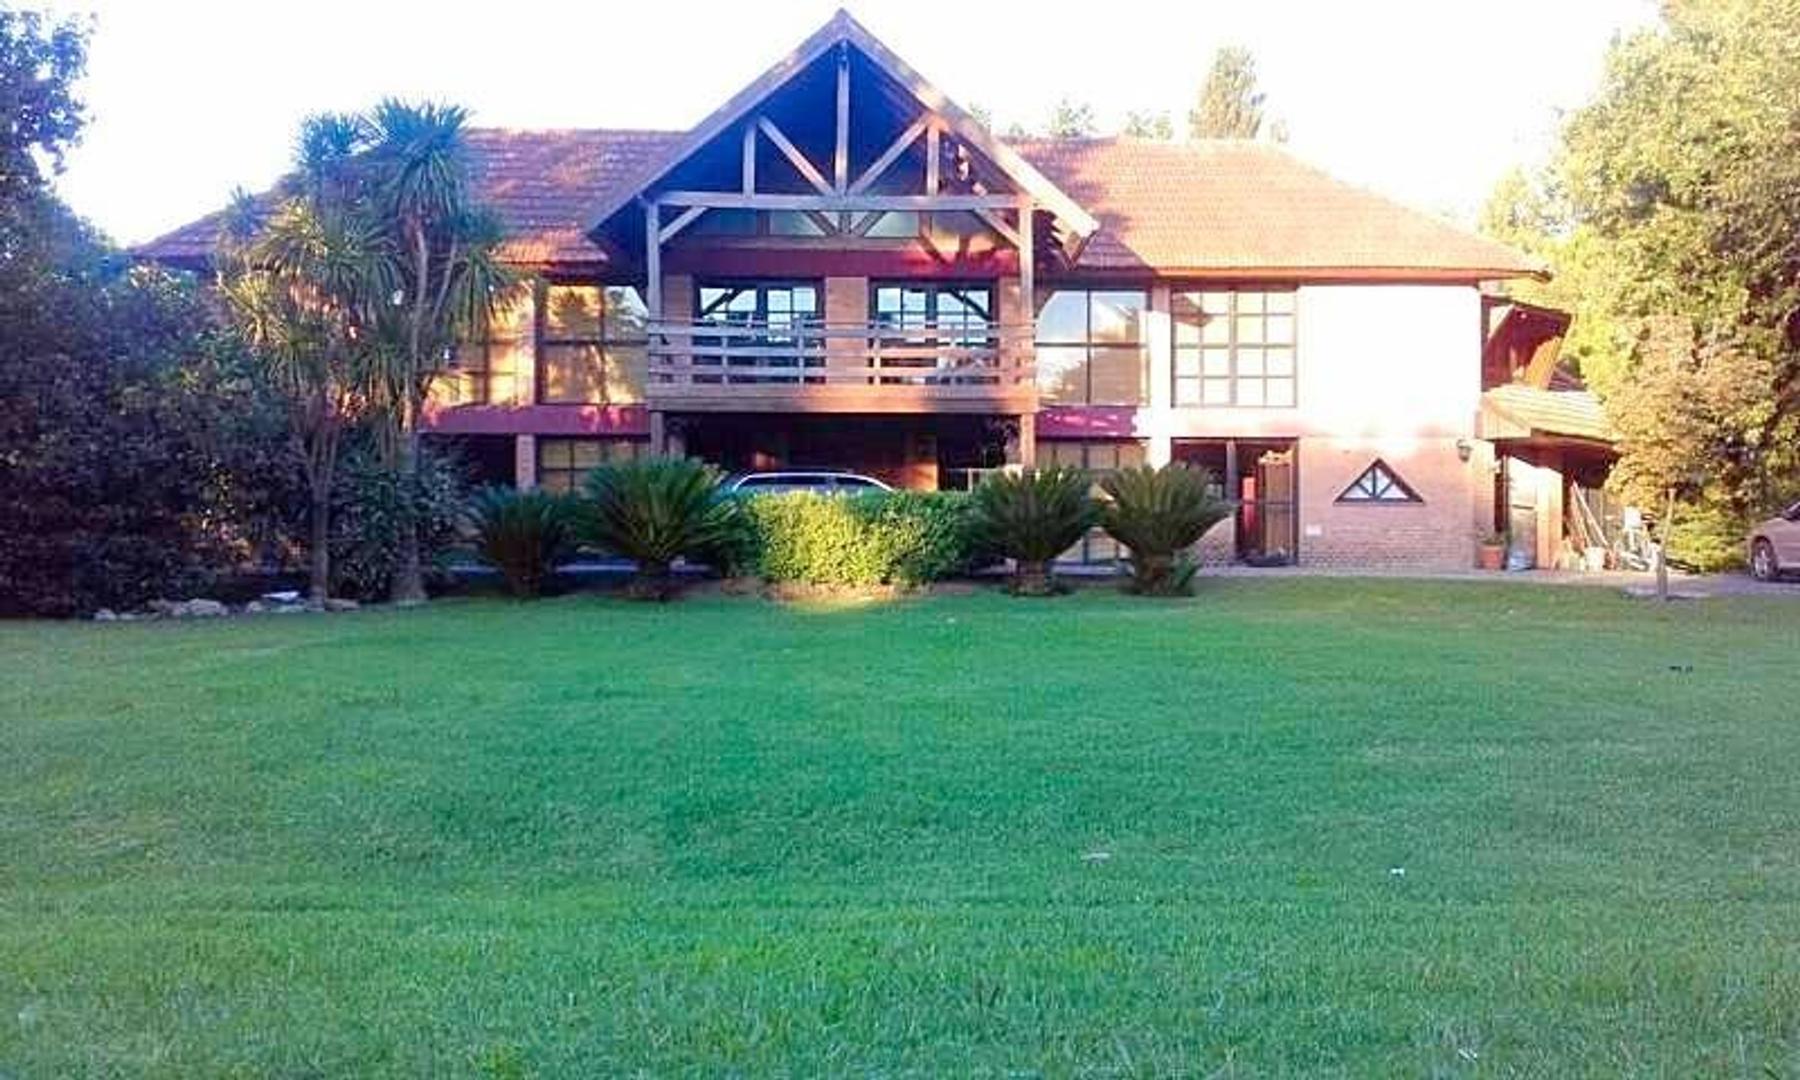 Casa en venta Country San Diego, Moreno, Lote Central